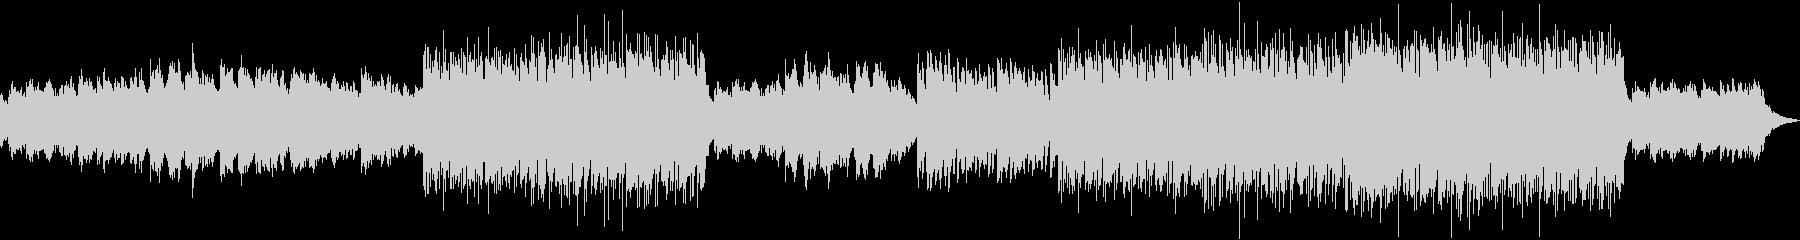 トロピカルハウス、ダンスミュージックの未再生の波形